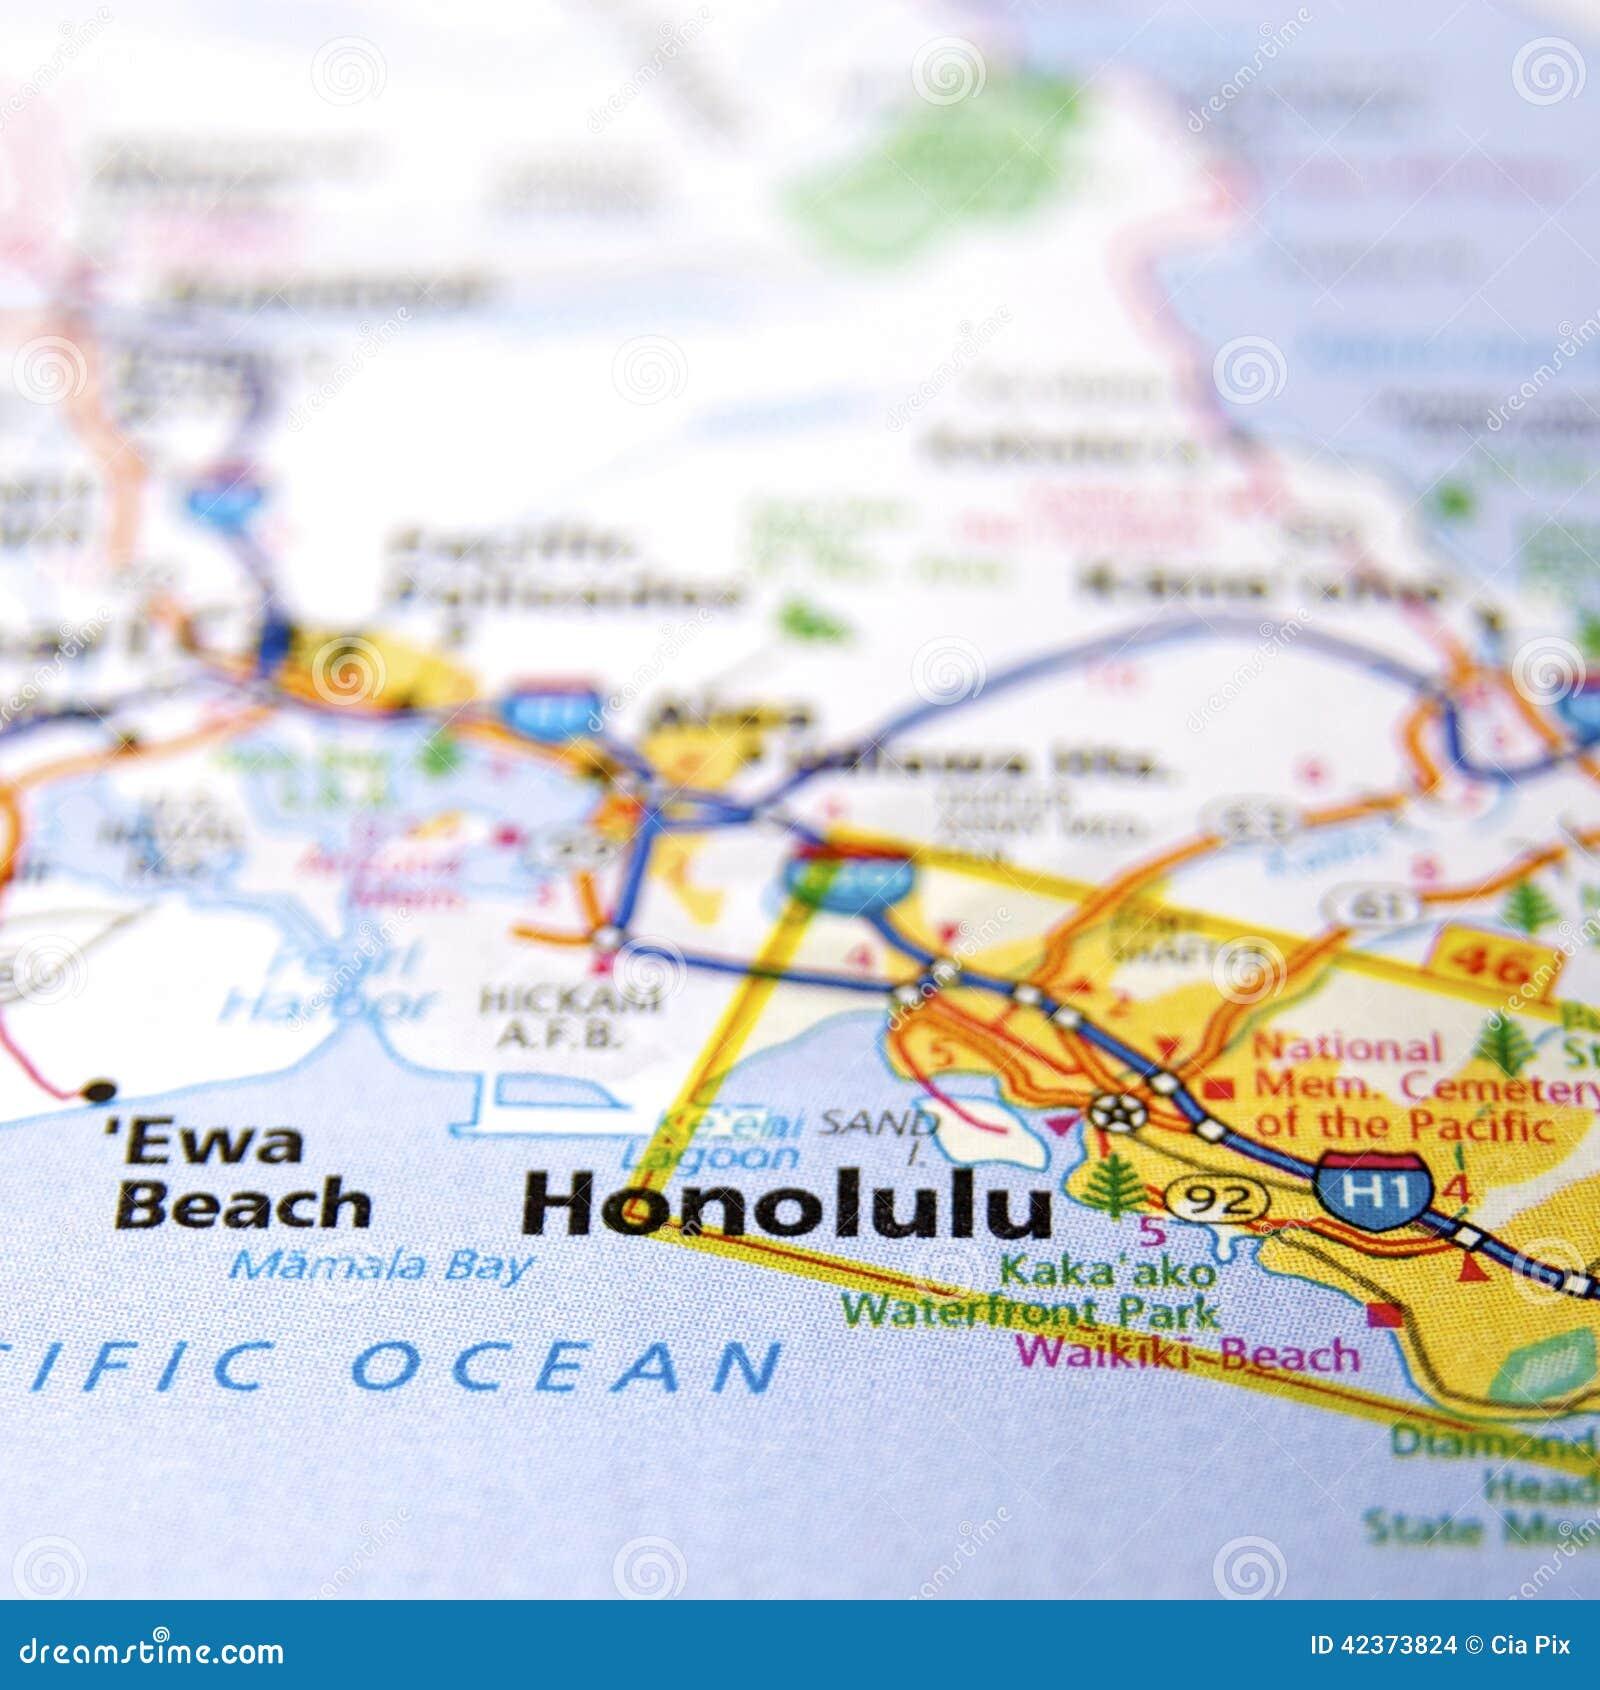 Contea Di Honolulu Hawaii mappa di honolulu fotografia stock. immagine di contea